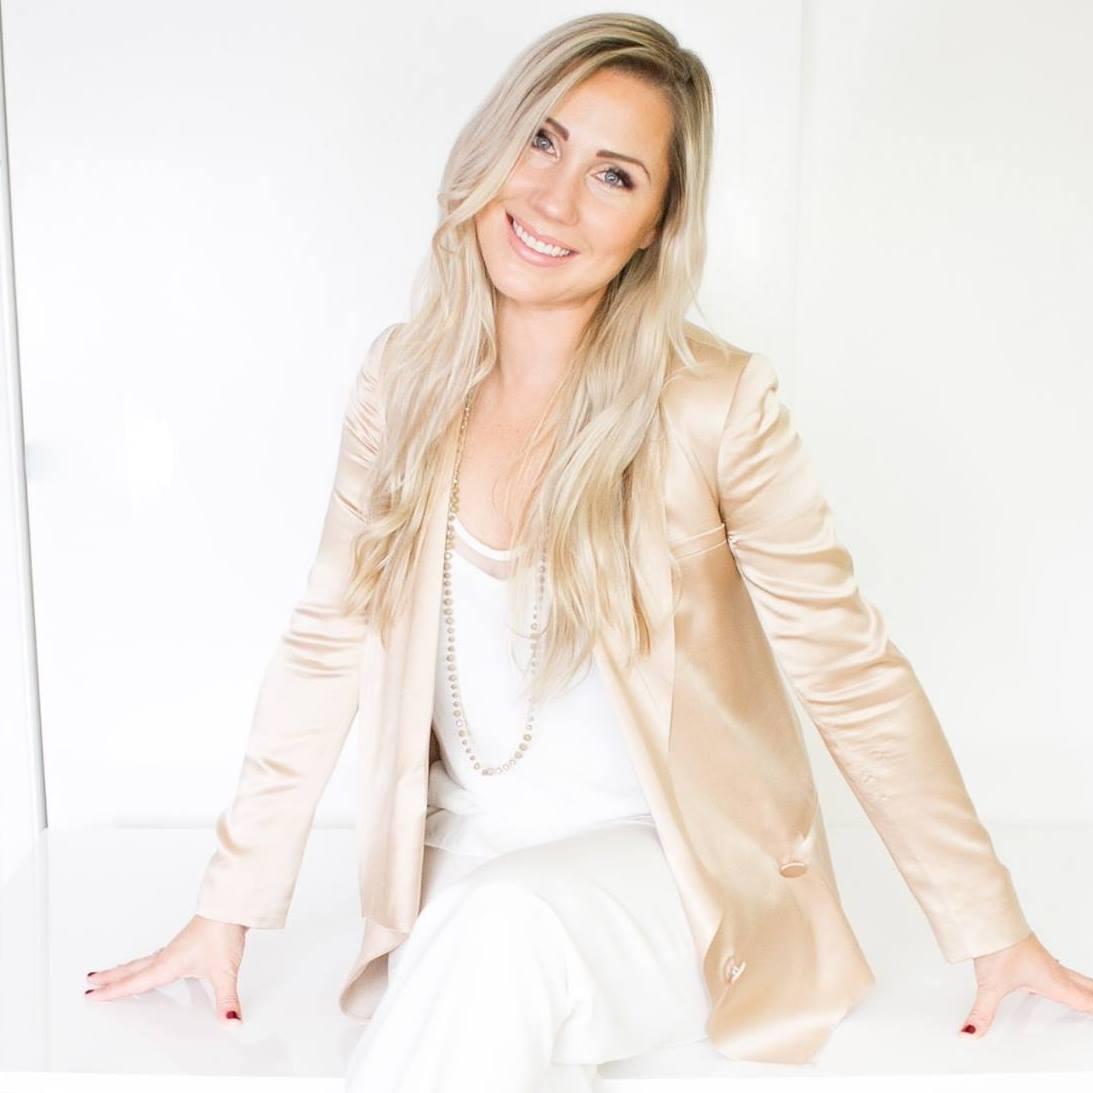 Jessica Riverson